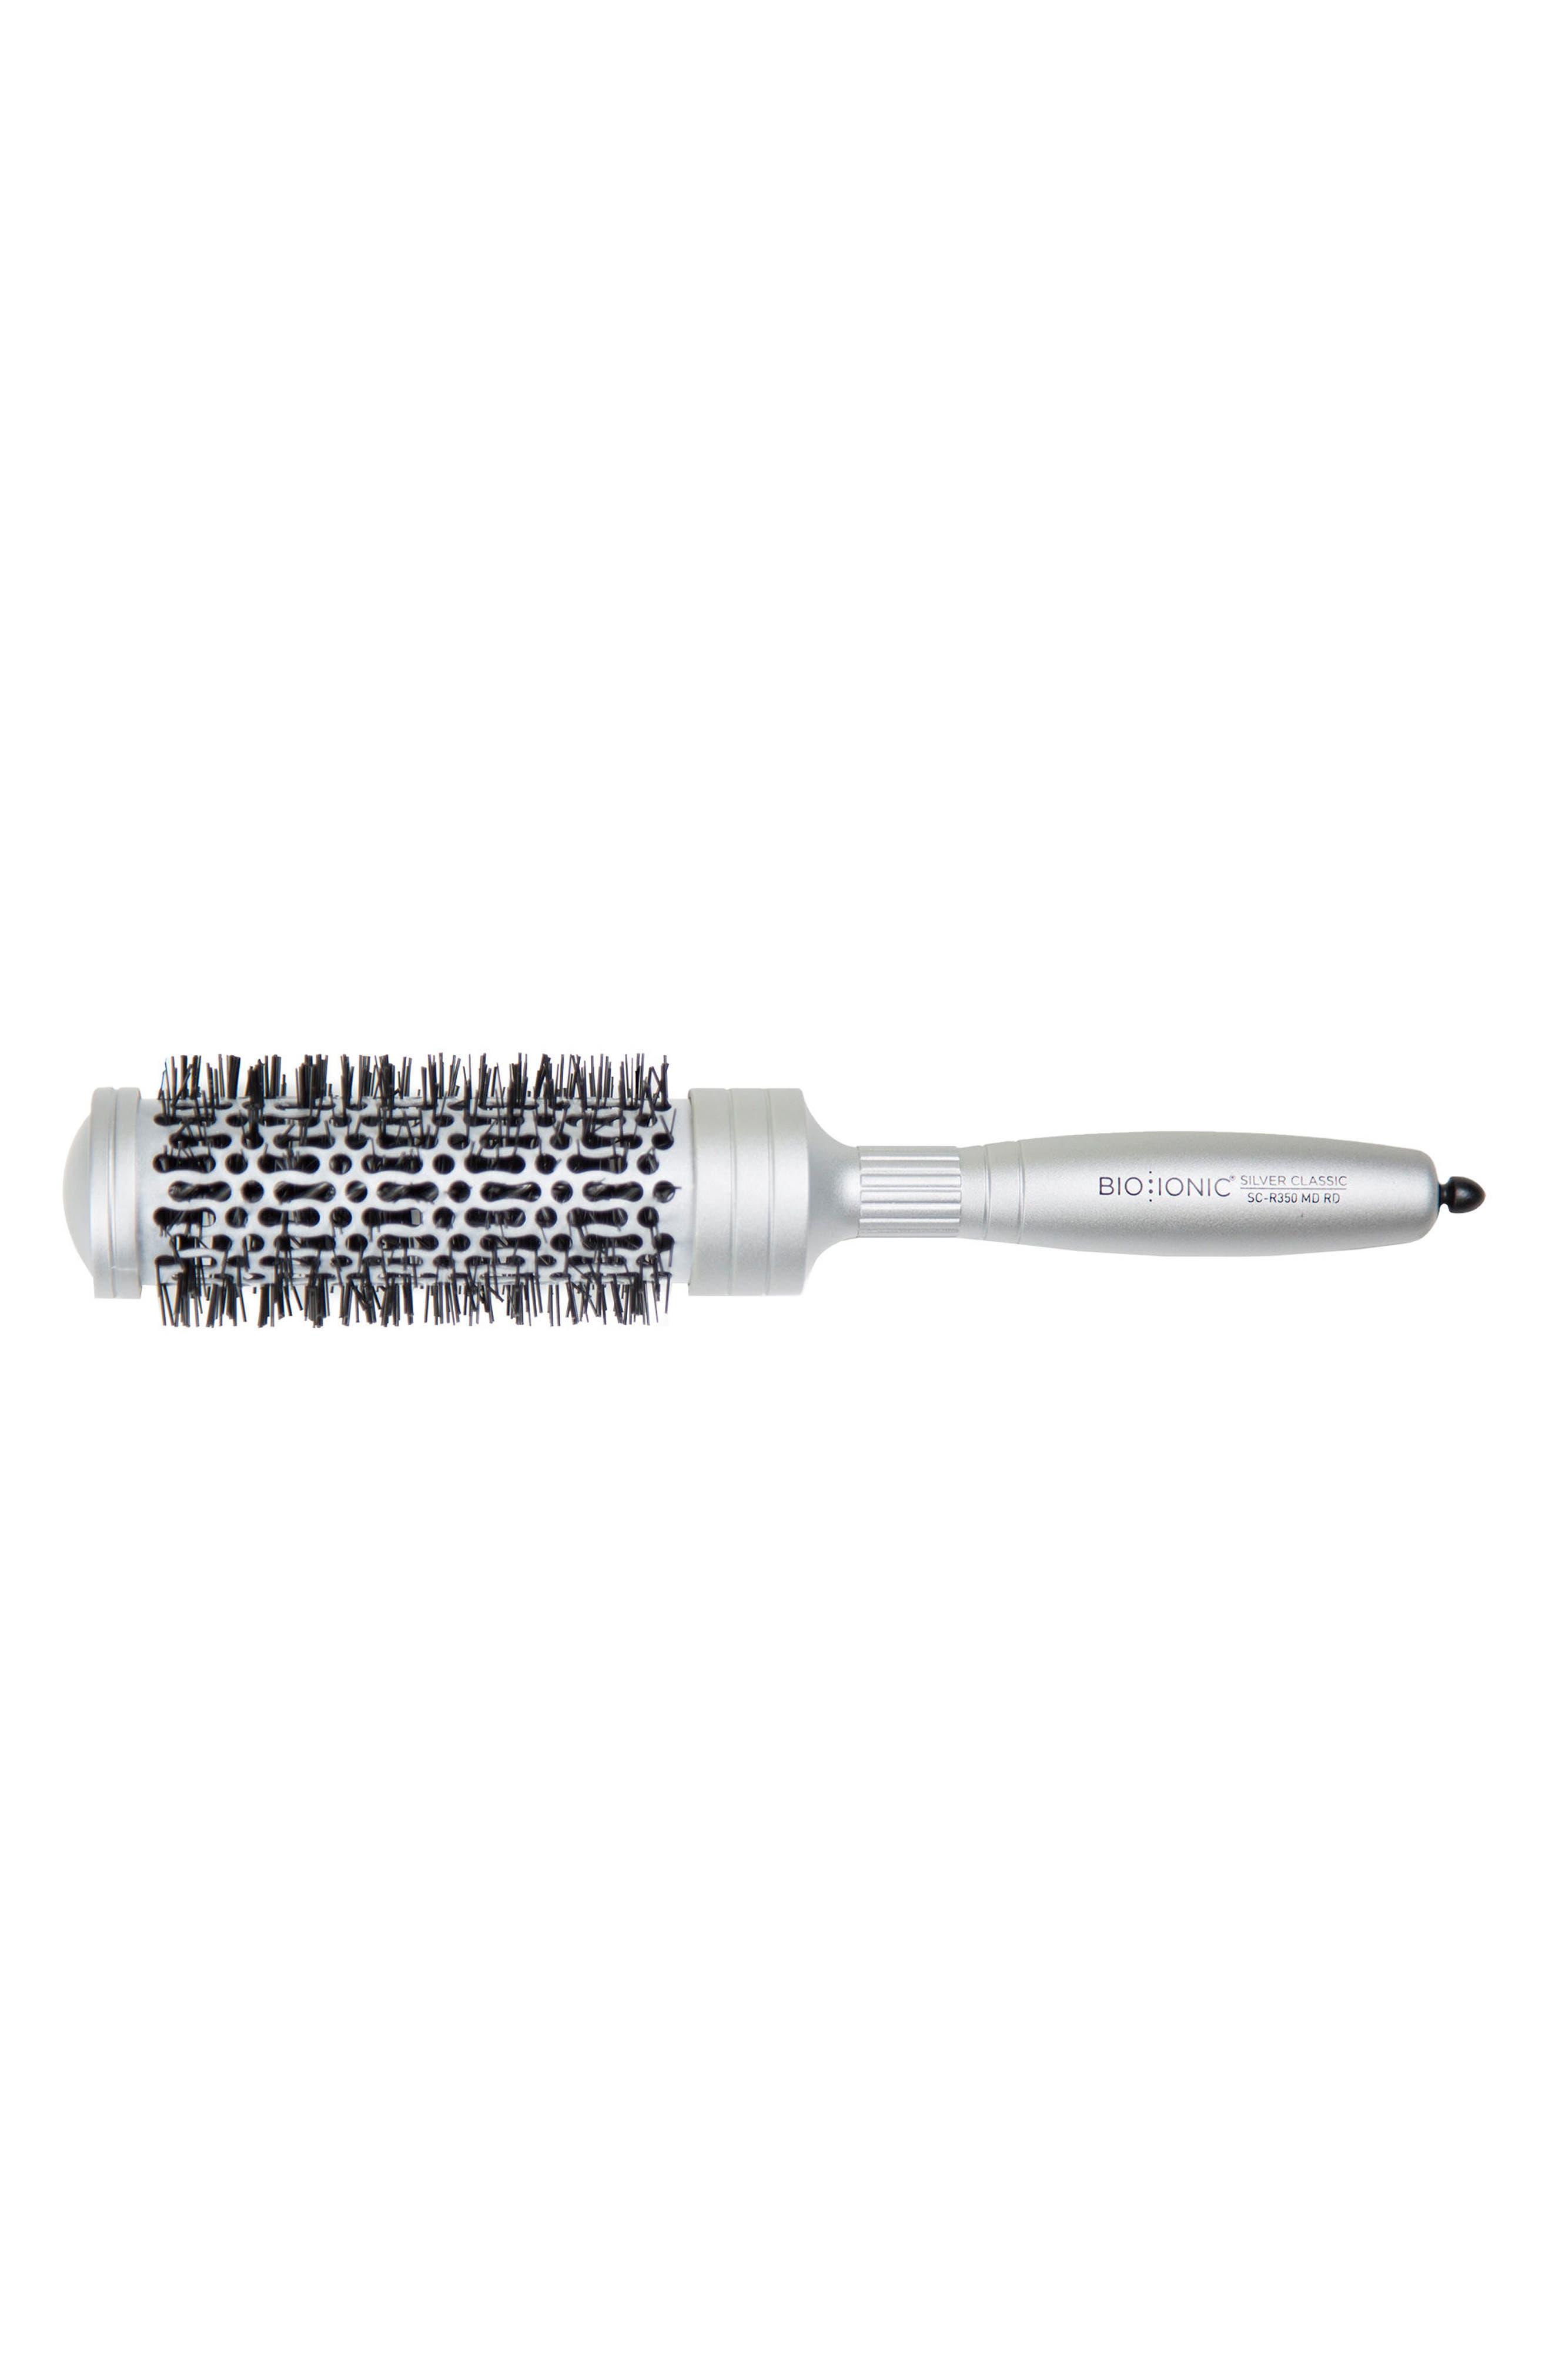 Bio Ionic 'SilverClassic' Medium Round Brush